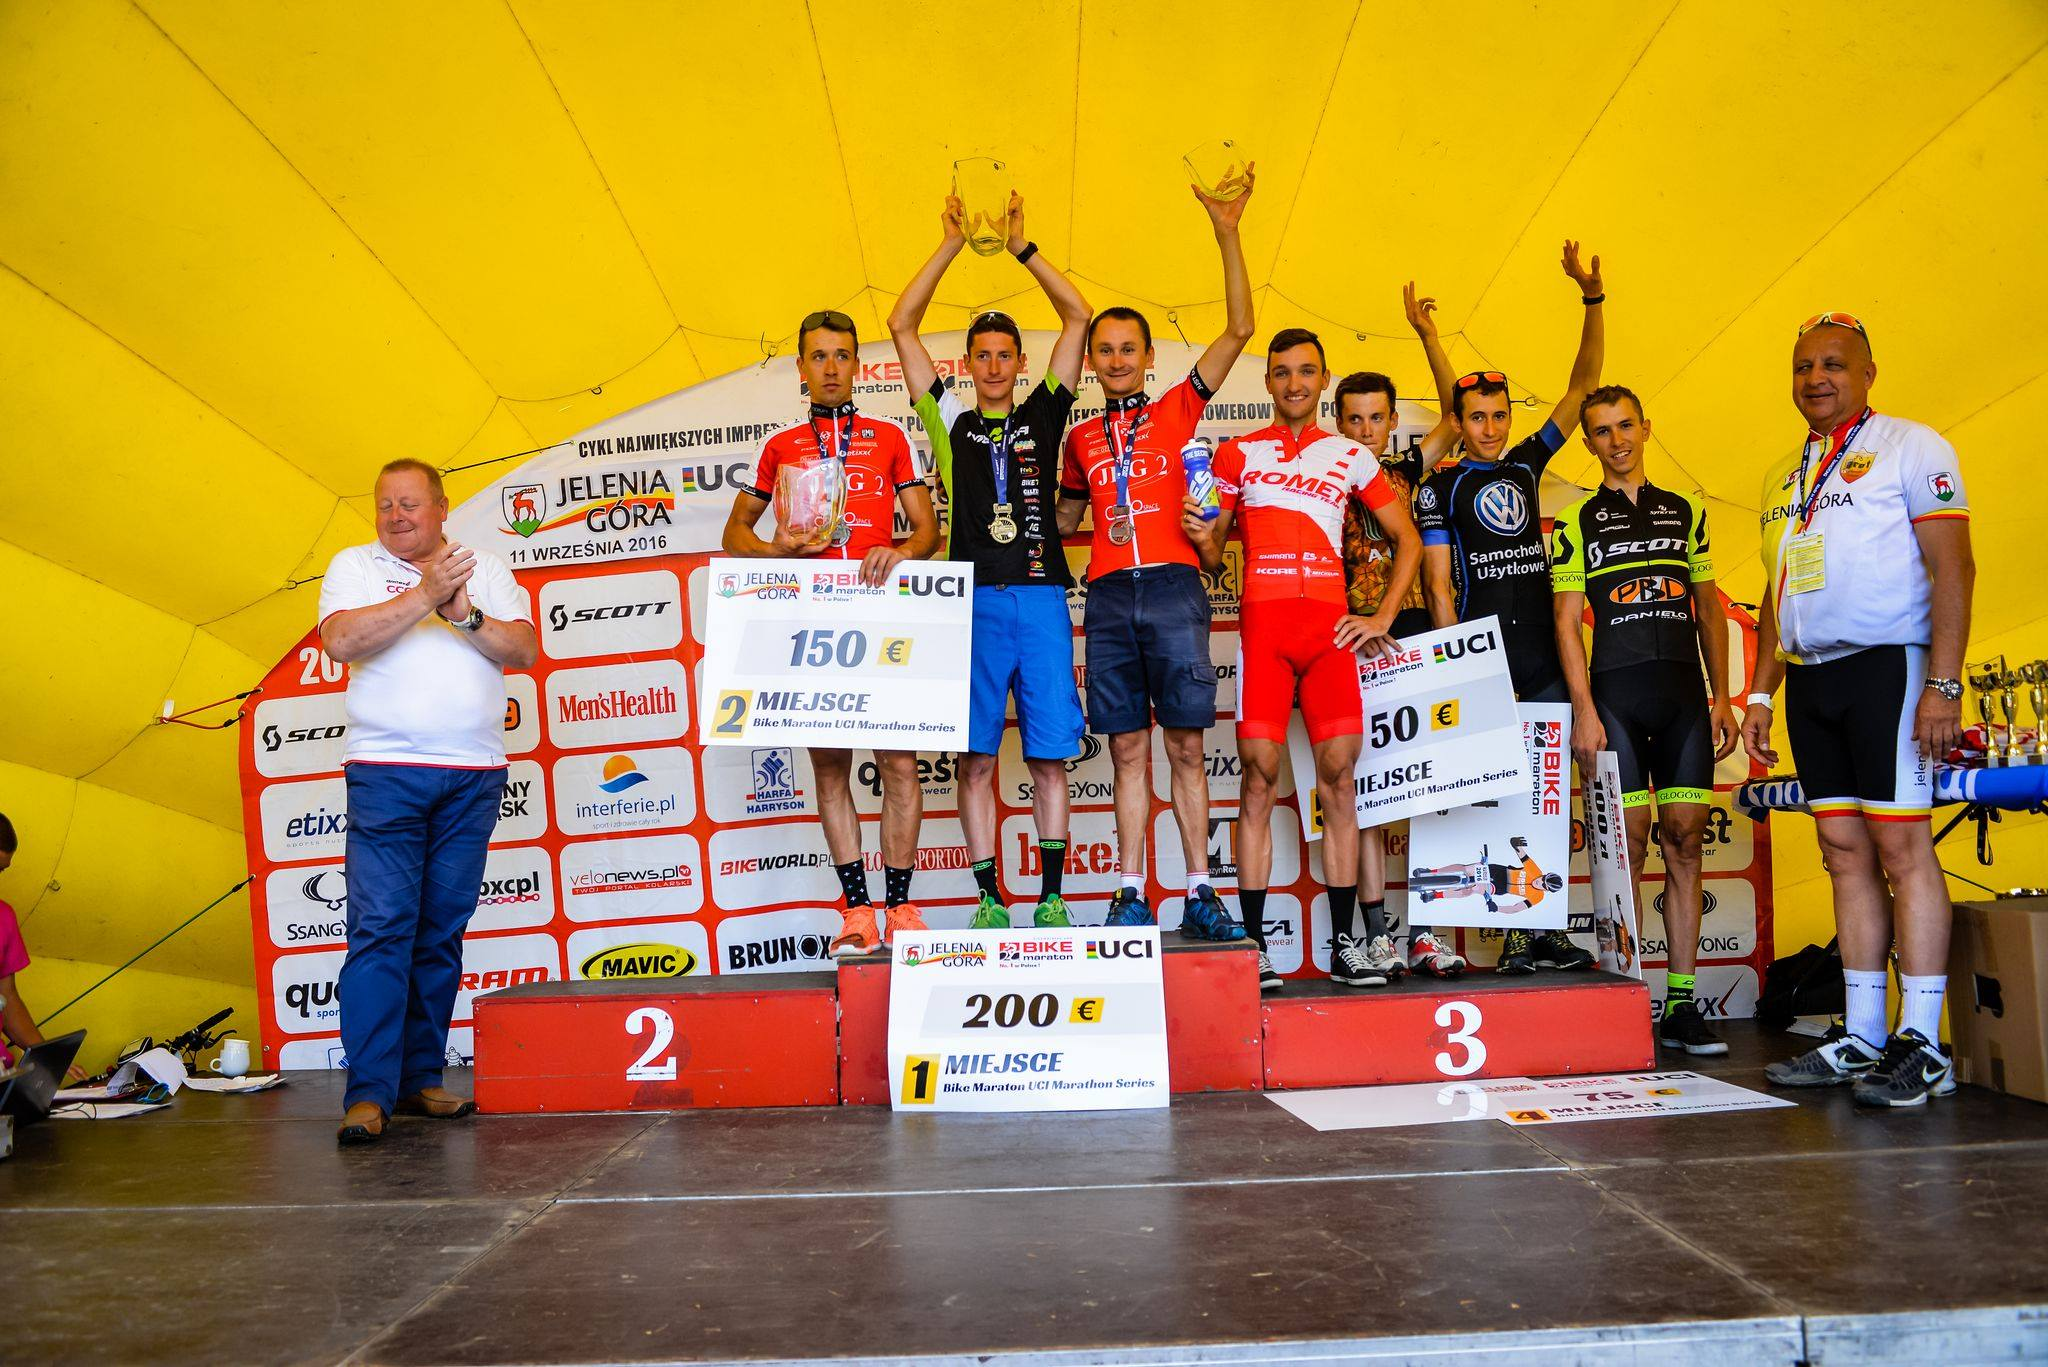 Michał Ficek (Volkswagen Samochody Użytkowe MTB Team) Mistrzostwa Polski w Maratonie MTB, Jelenia Góra